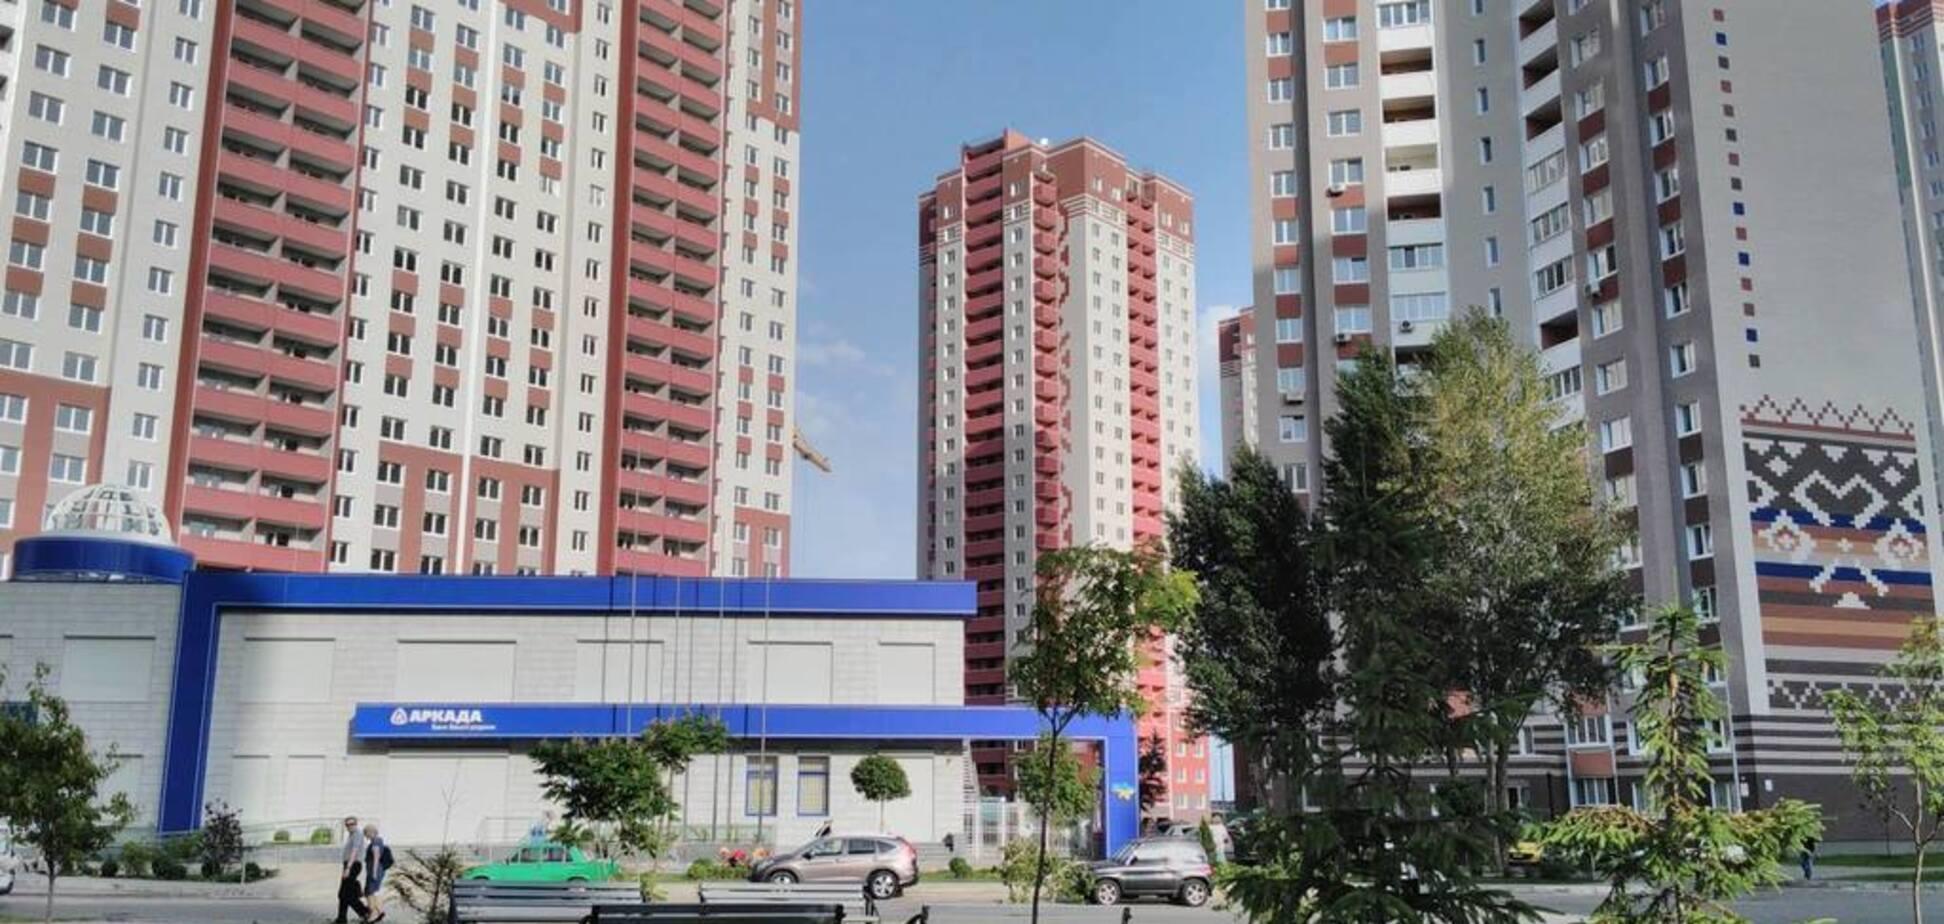 Крупнейший украинский застройщик остановил все работы: в Кабмине сделали заявление